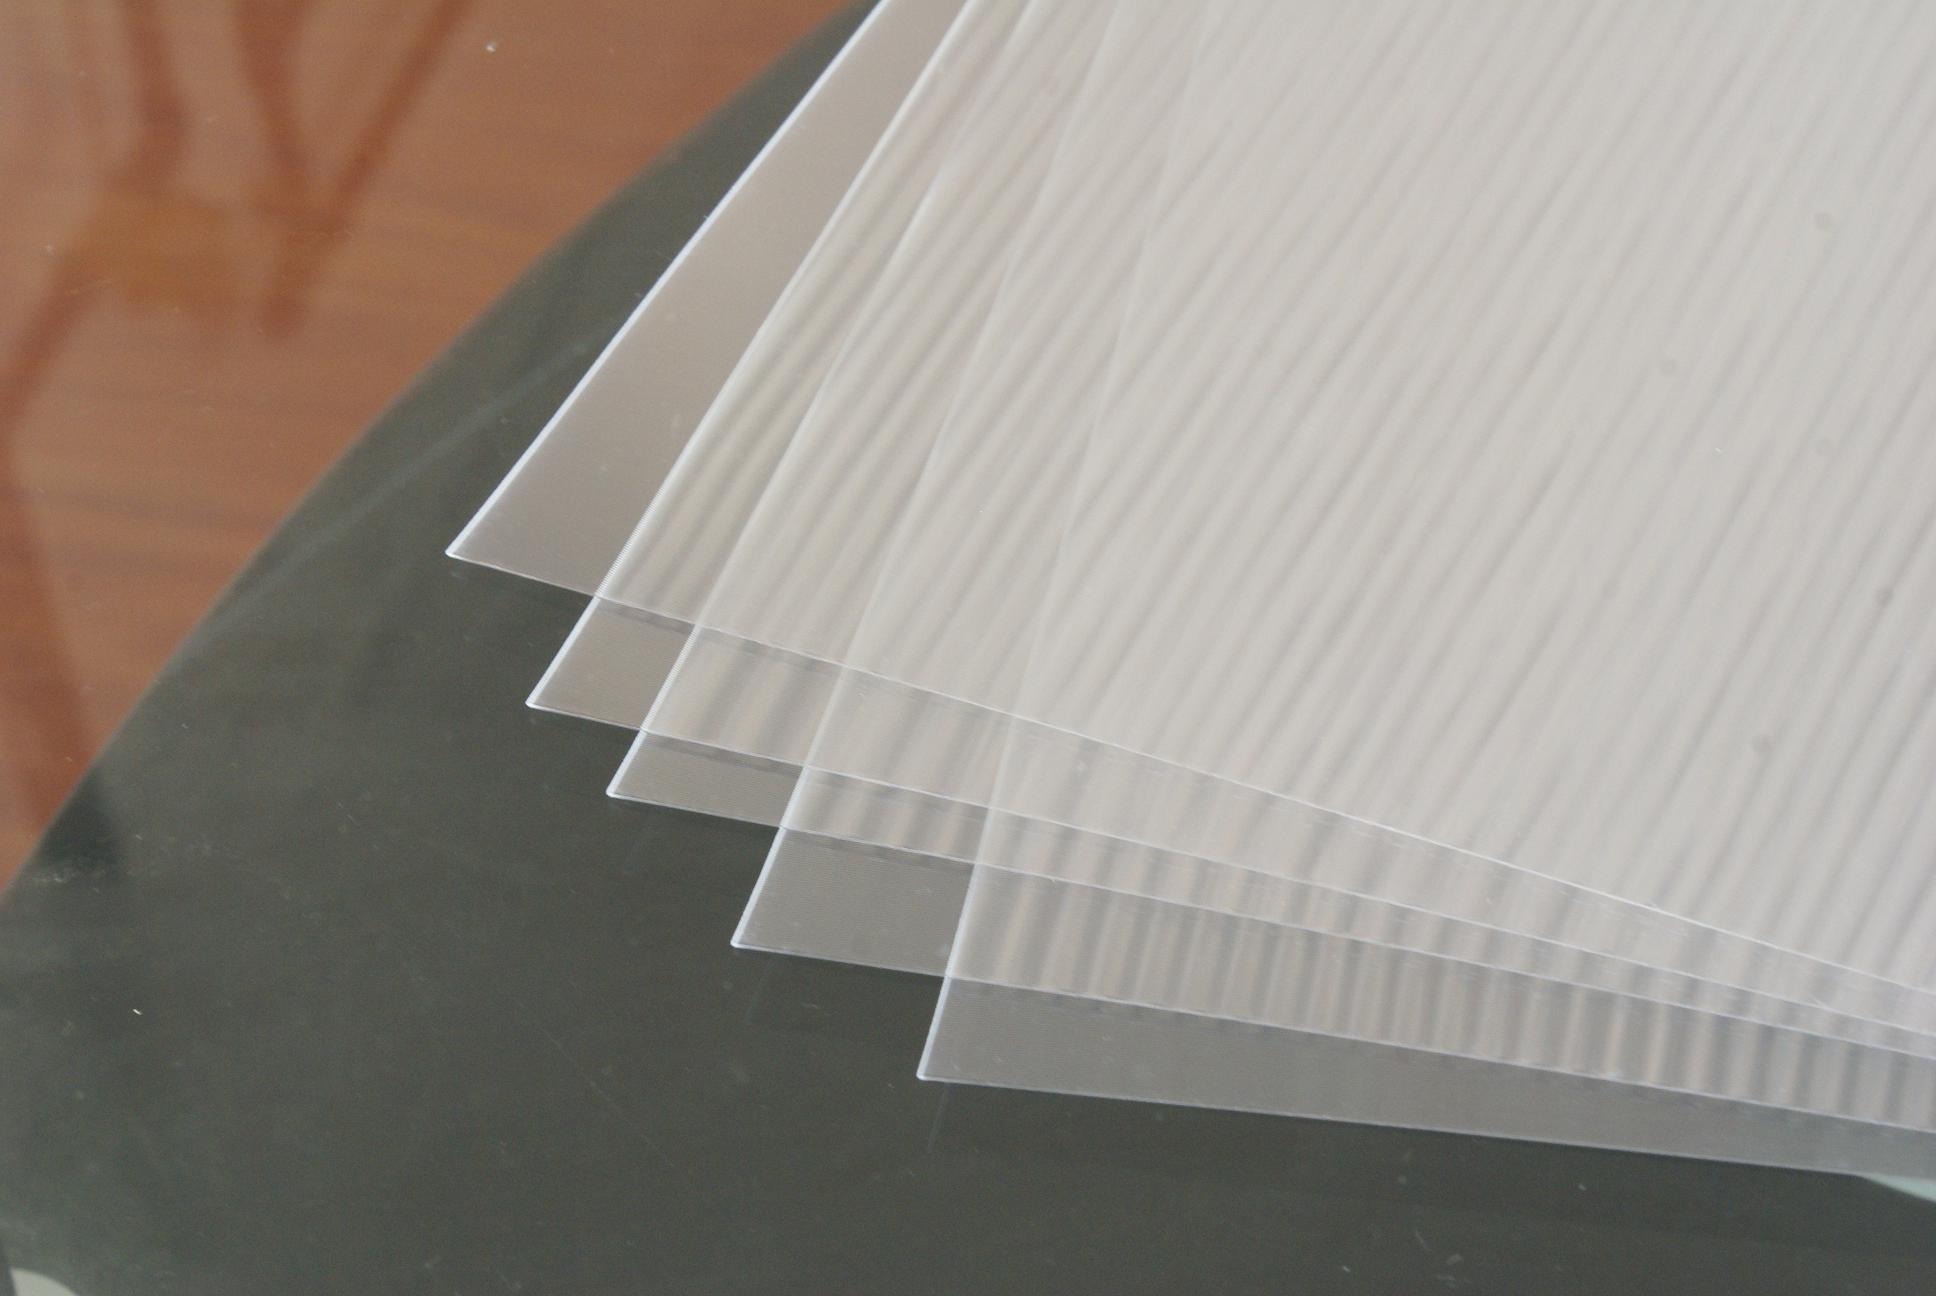 101 Of Lenticular Lenses Snapily Blog